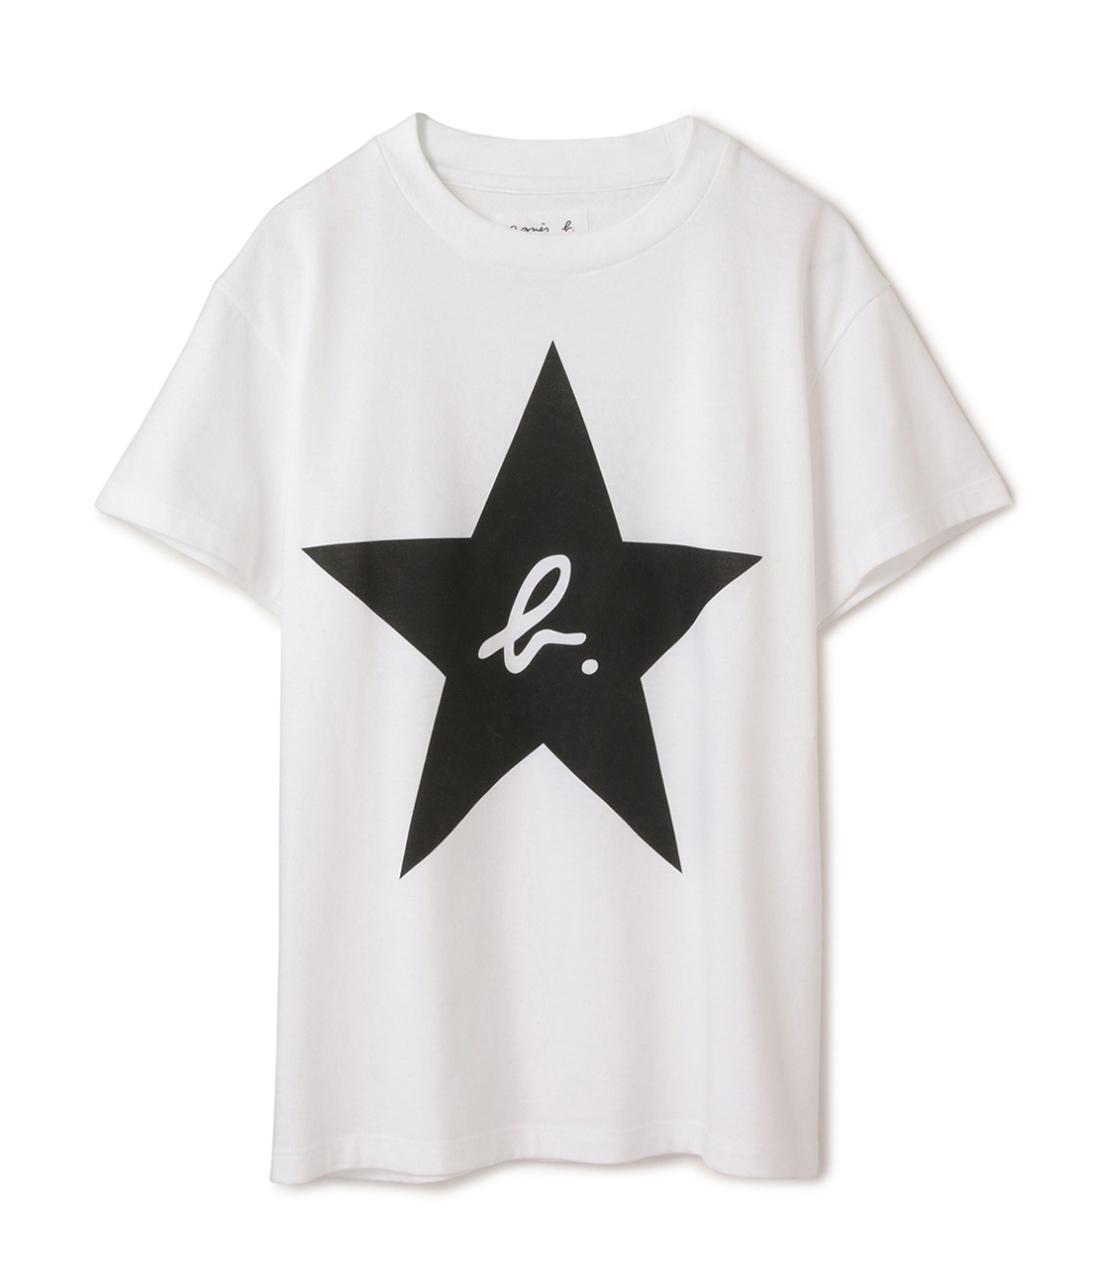 ADAM ET ROPÉがagnès b.とコラボレーション。ロゴをポイントにしたTシャツを発売。_1_2-1